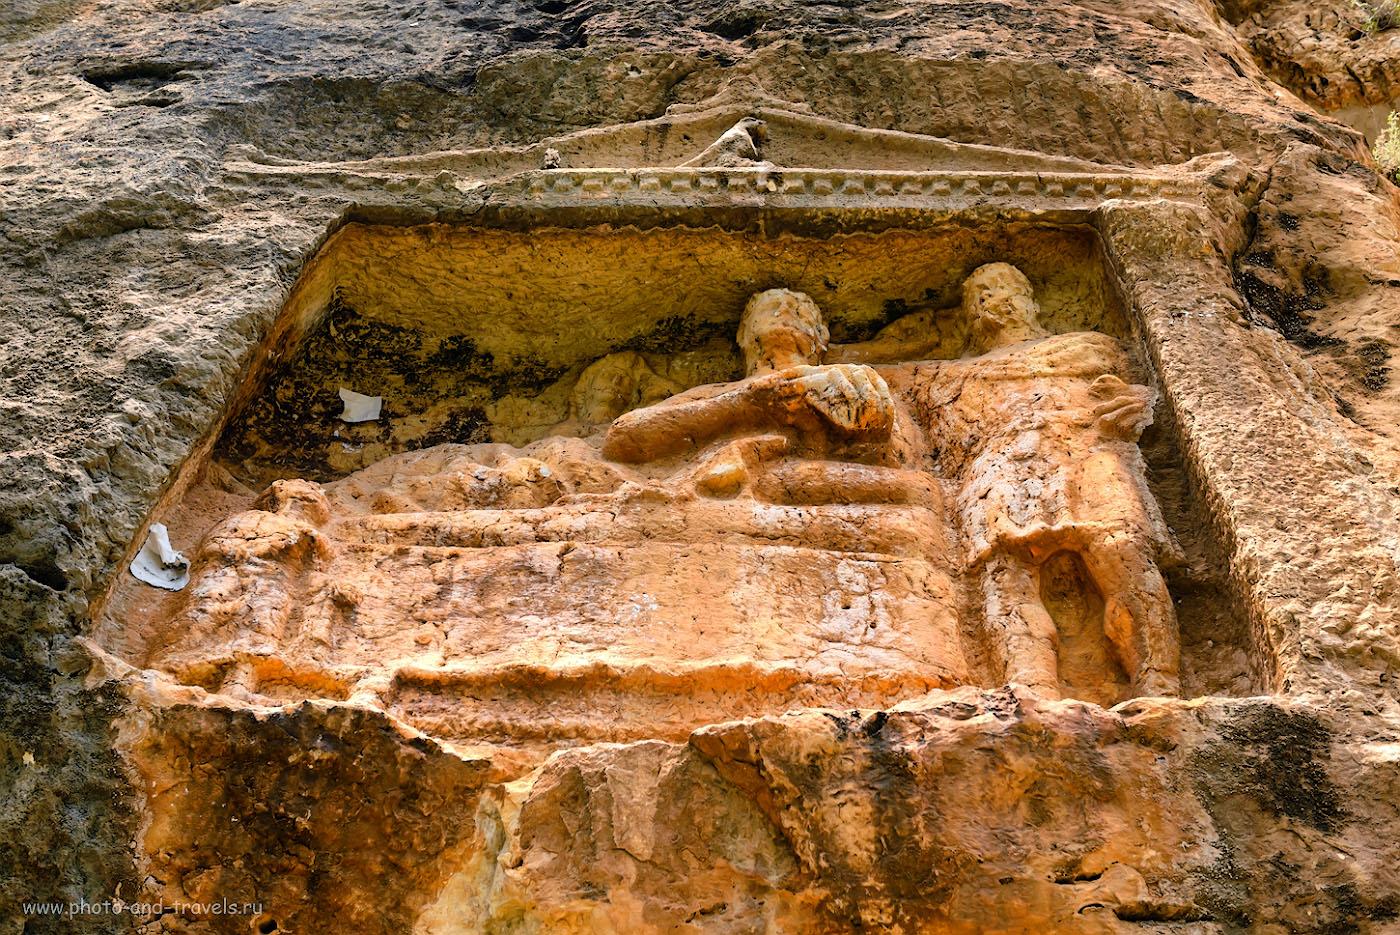 Снимок 20. Вне времени… Кто-то приходил к этой скале с долотом и рубил в скале фигуры людей. Было это… 1800 лет назад… 1/320, 6.3, 320, 48.